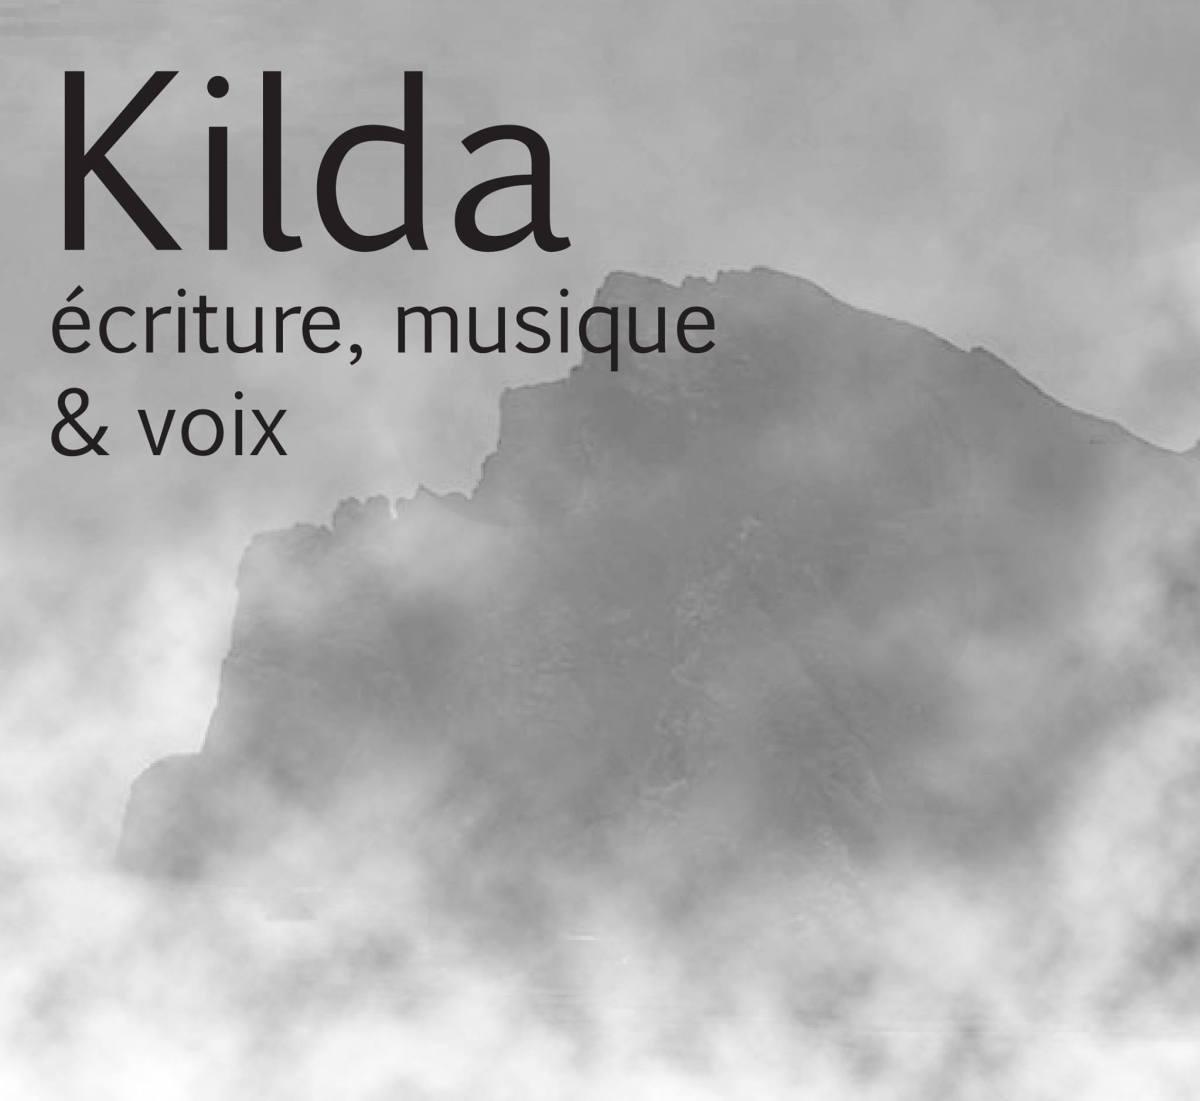 Découvrir le projet Kilda